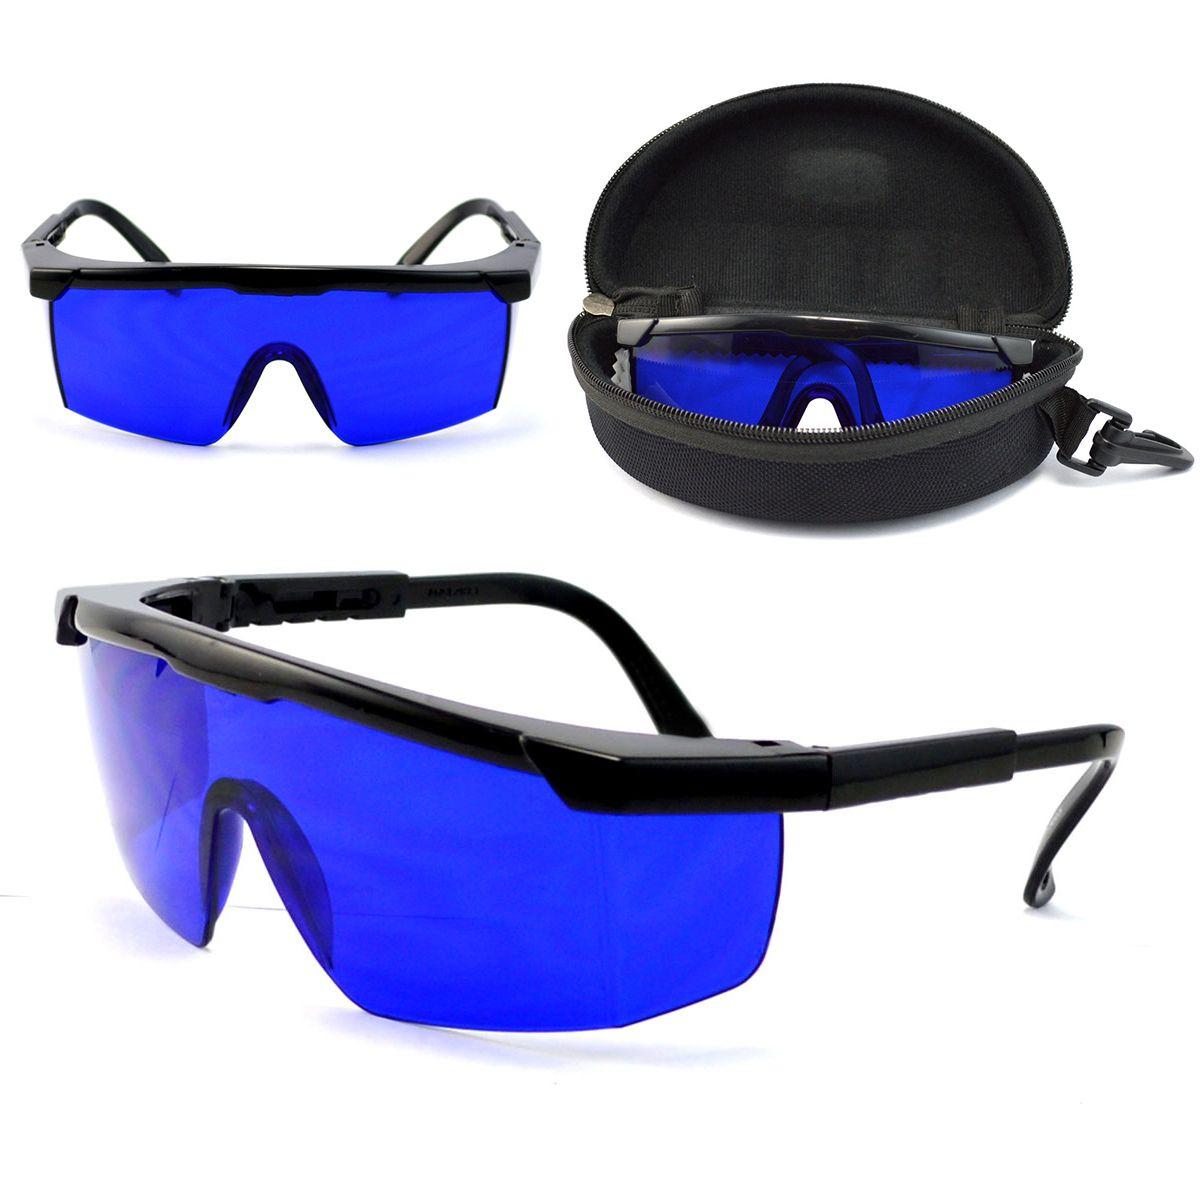 Mayitr Professionnel Balle De Golf Finder Lunettes Protection Des Yeux Accessoires De Golf Bleu Lentilles Sport Lunettes Avec la Boîte